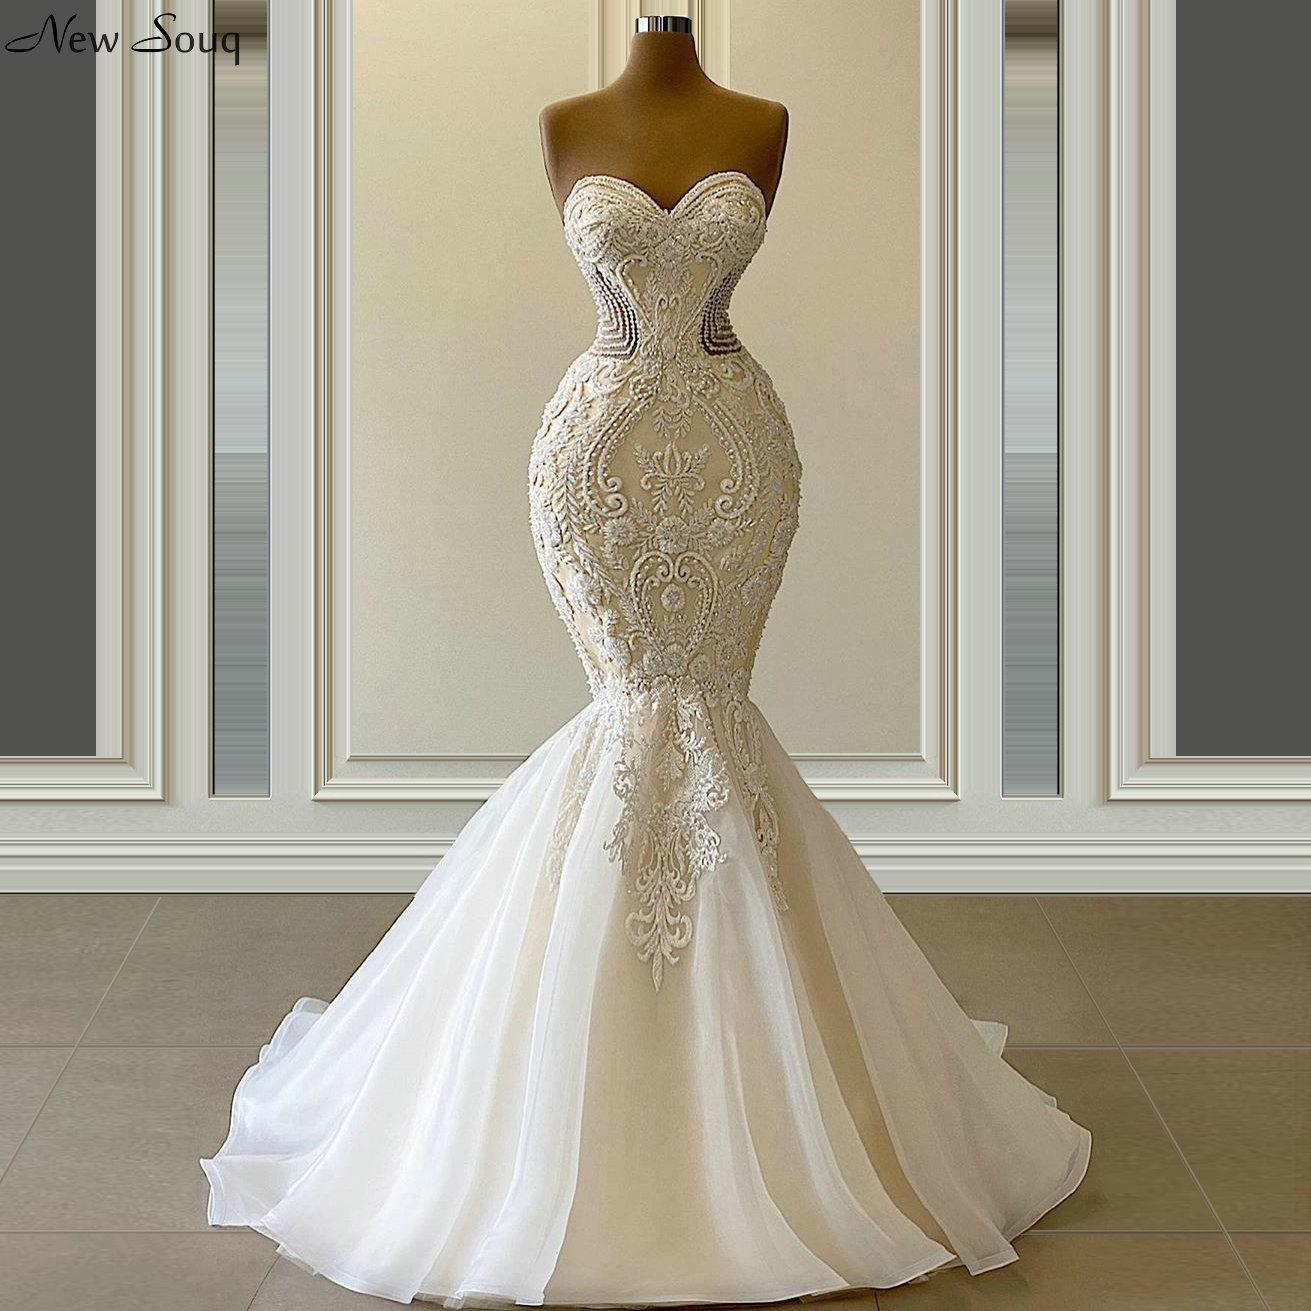 Vestido De Novia Graceful Mermaid Brautkleider Schatz-Ansatz Luxus wulstige Brautkleider nach Maß 2020